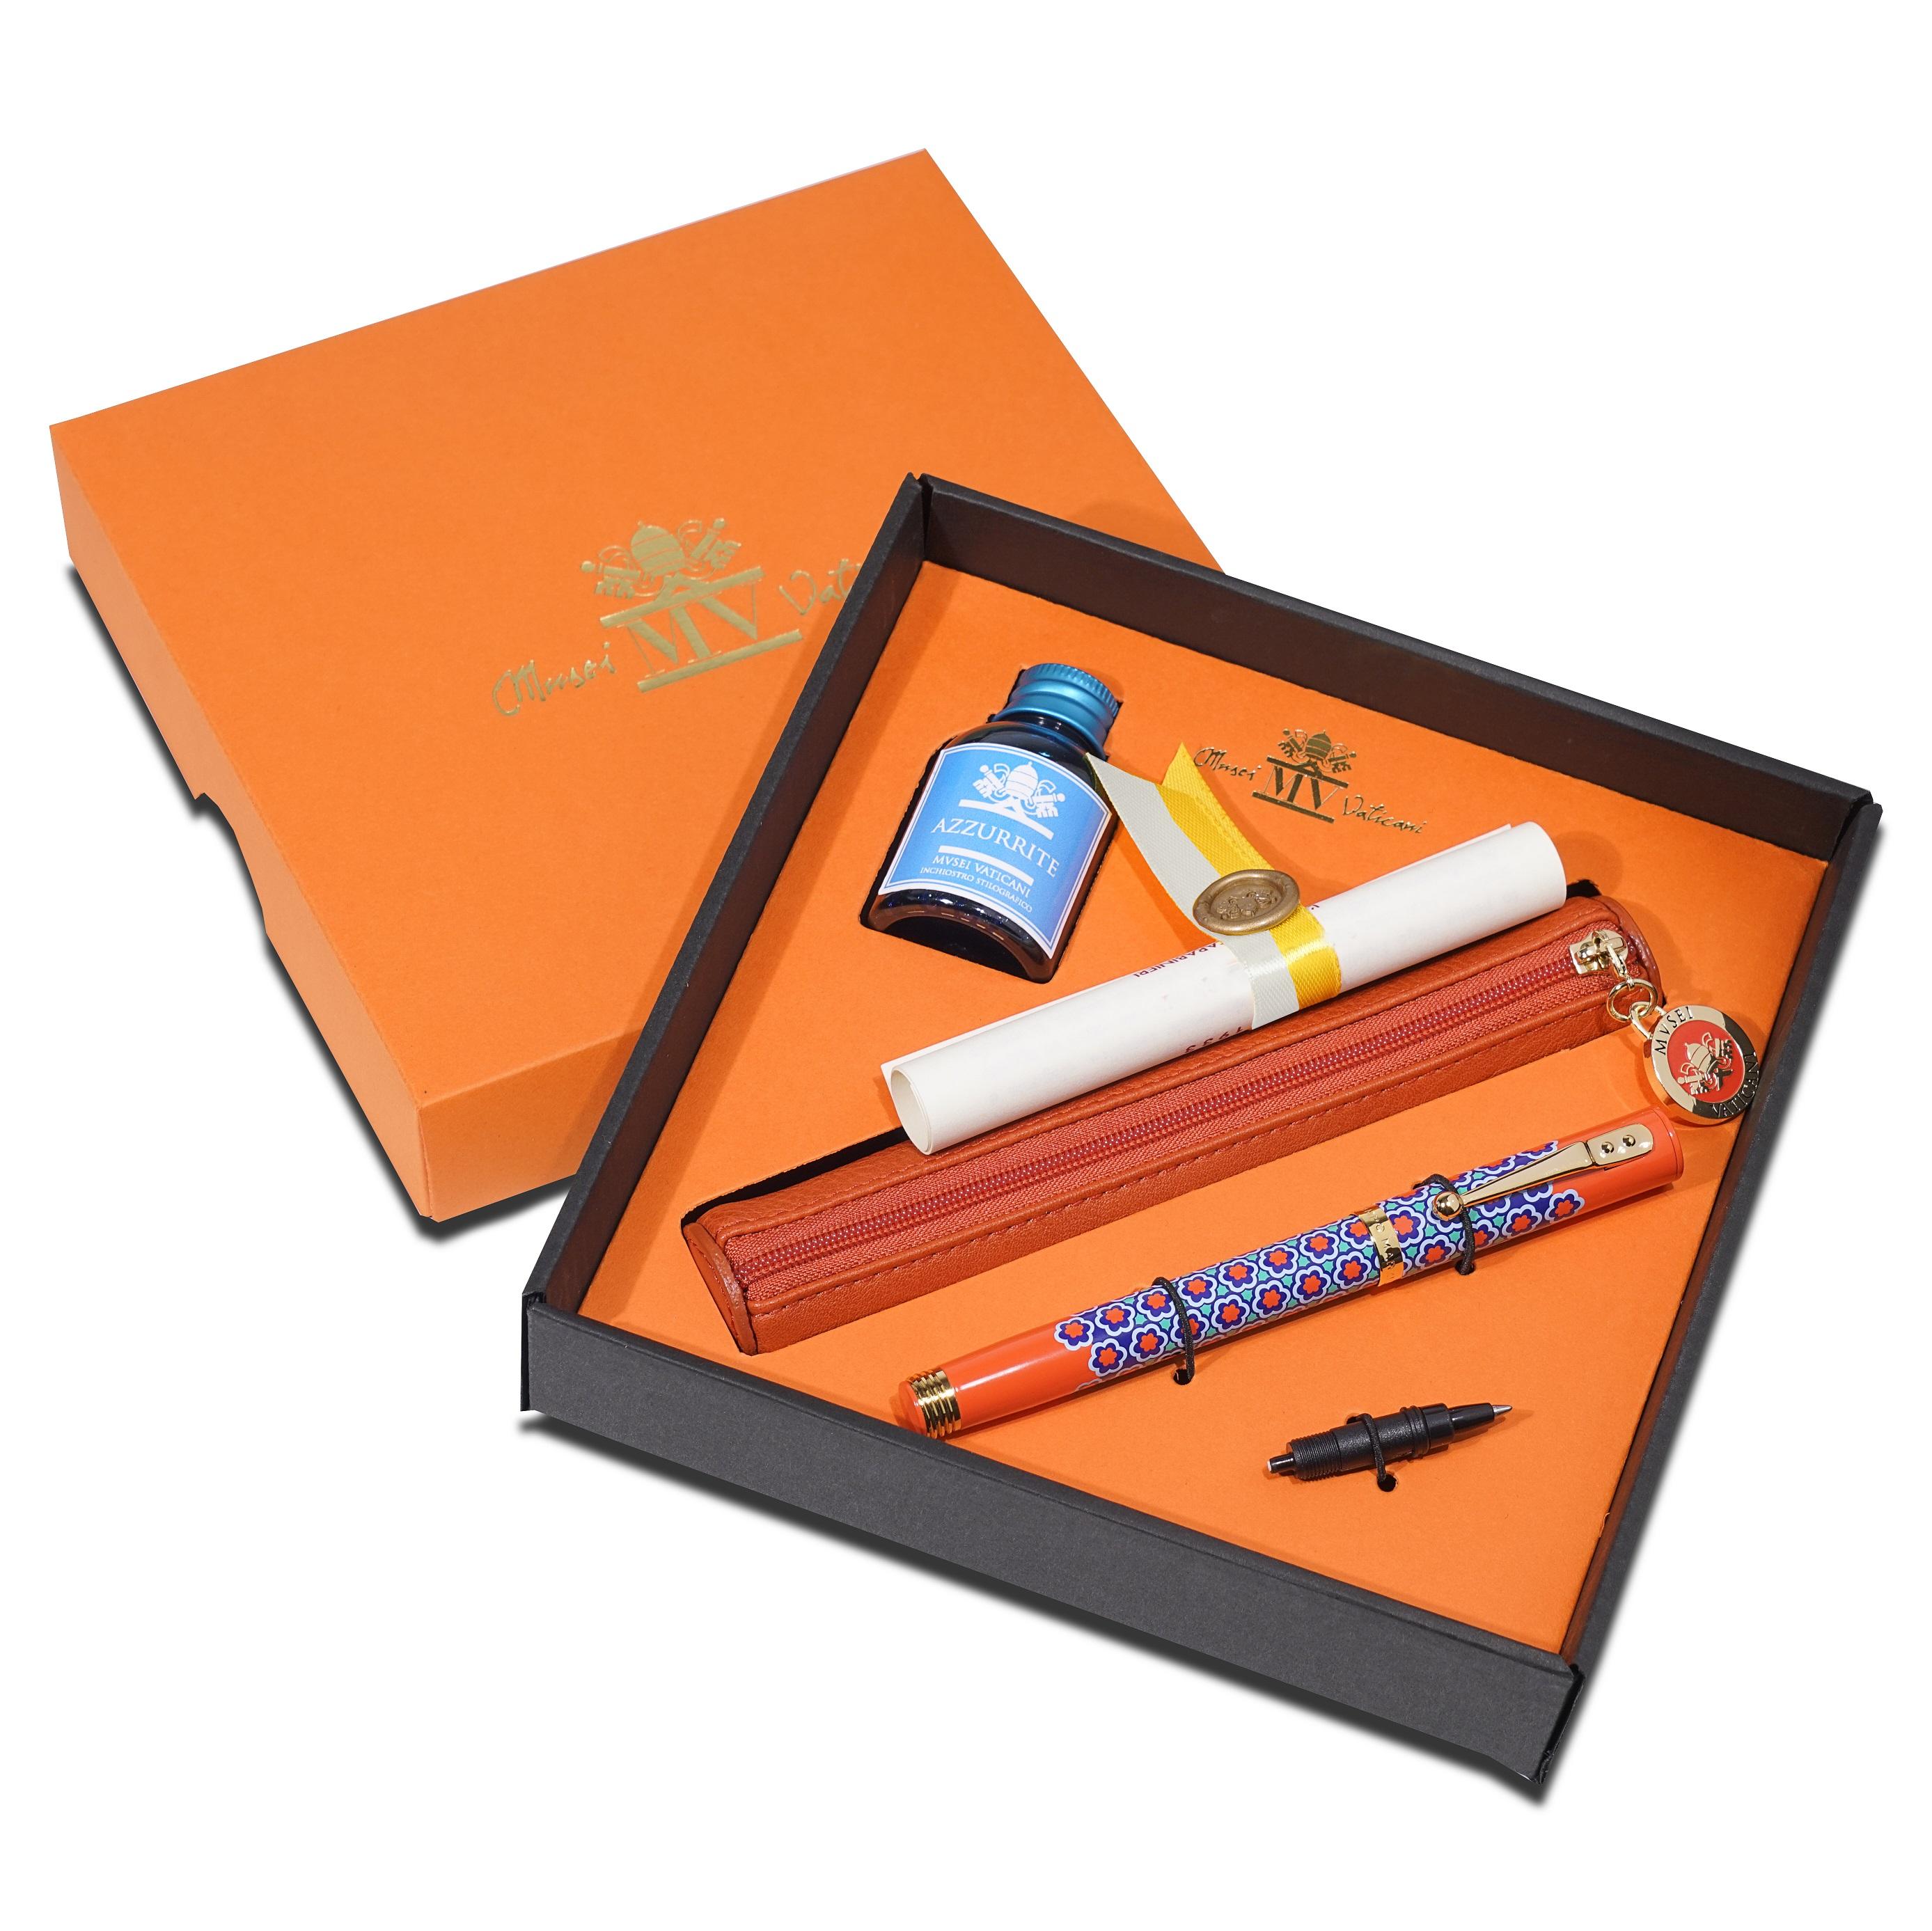 Penna Stilografica Dulcis Colorum – Minio Realgar